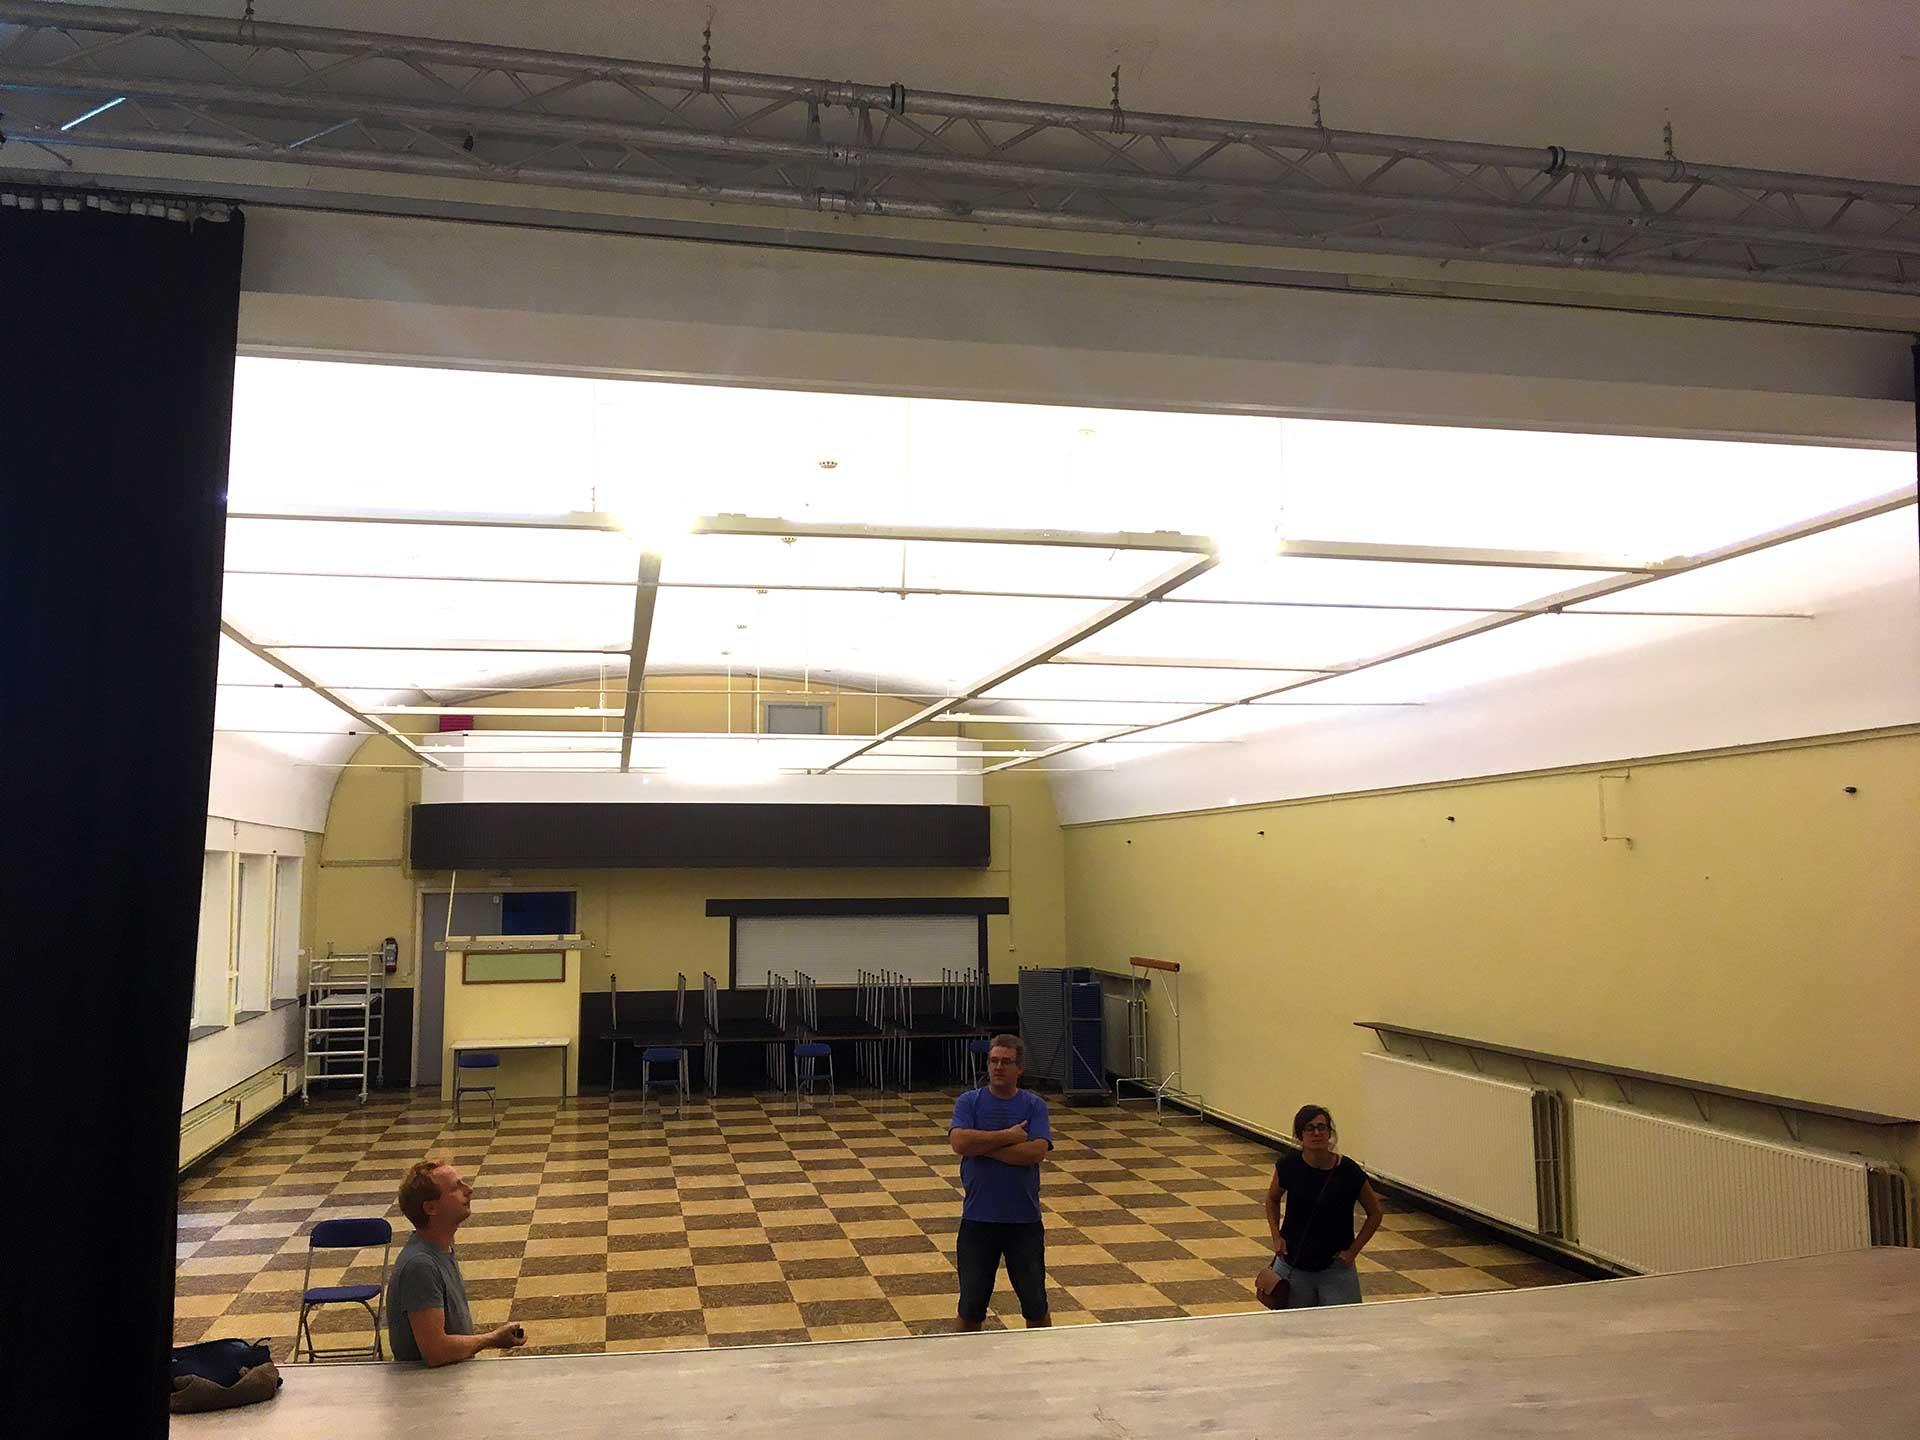 De grote zaal — zaalverhuur De Baronie in Battel, Mechelen